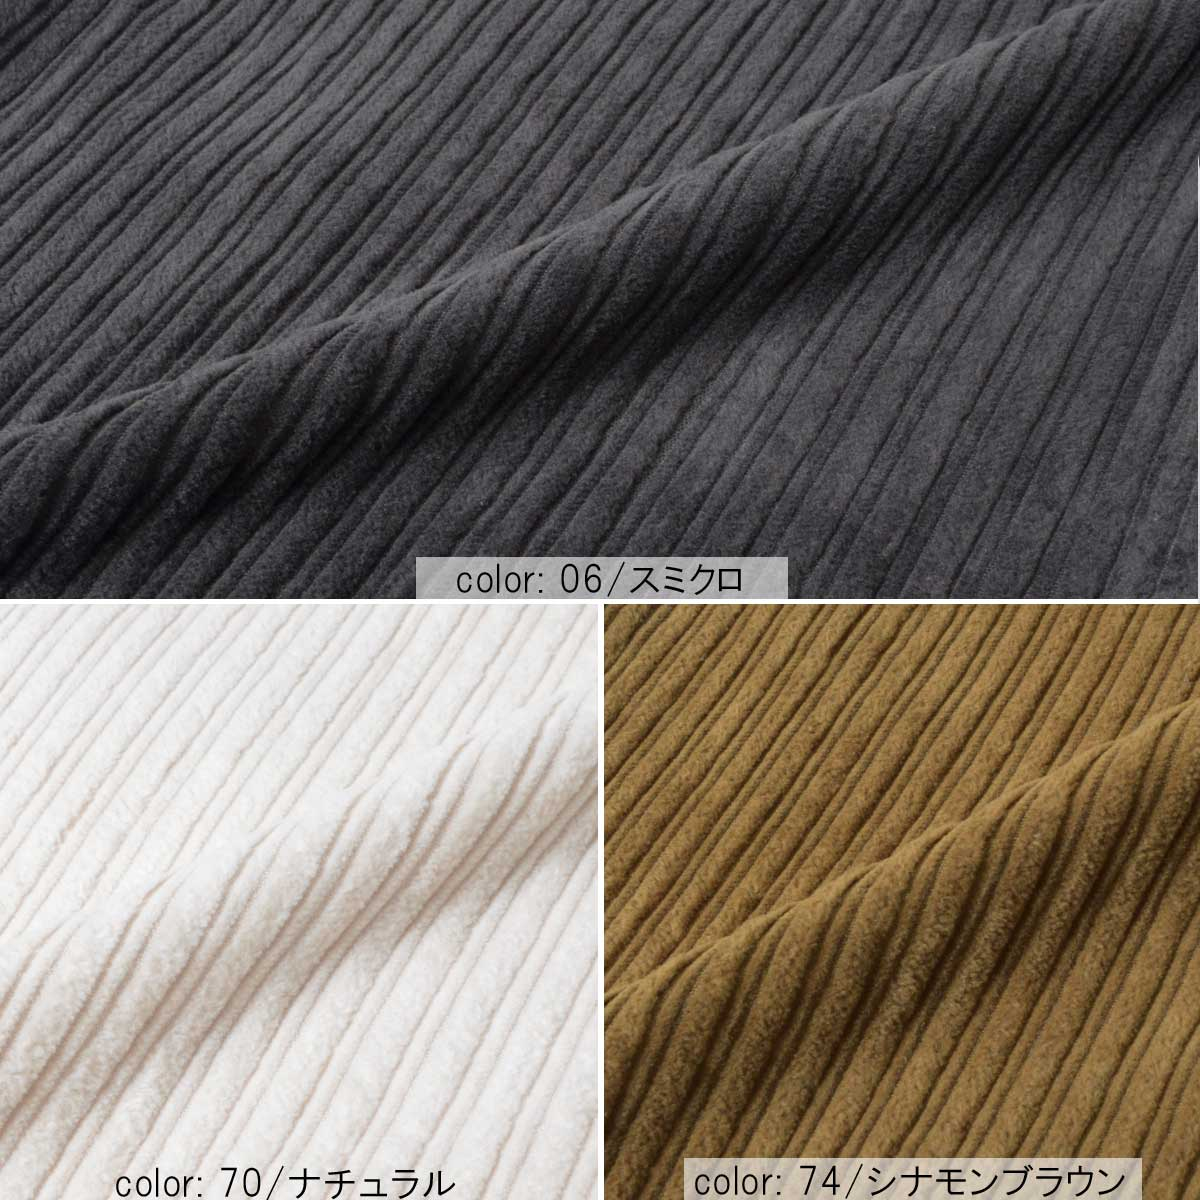 【SALE】Cafetty ■暖■ コーデュロイスカート CF4036